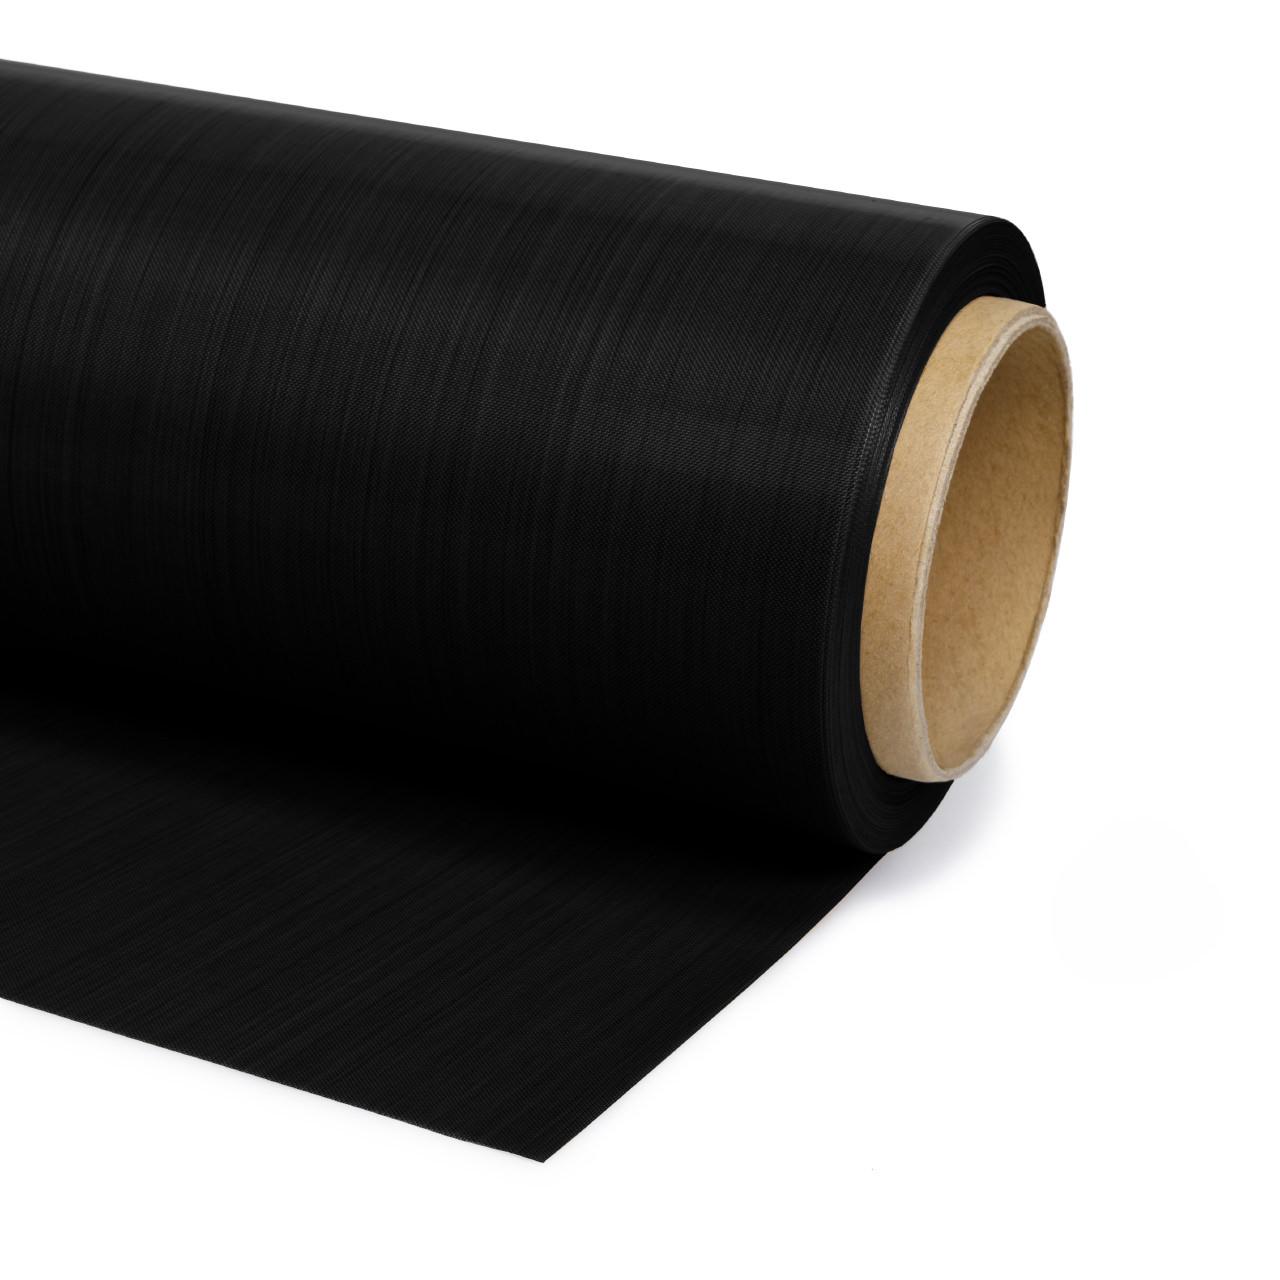 Тефлоновая лента толщина 0.1 мм для карамелизации